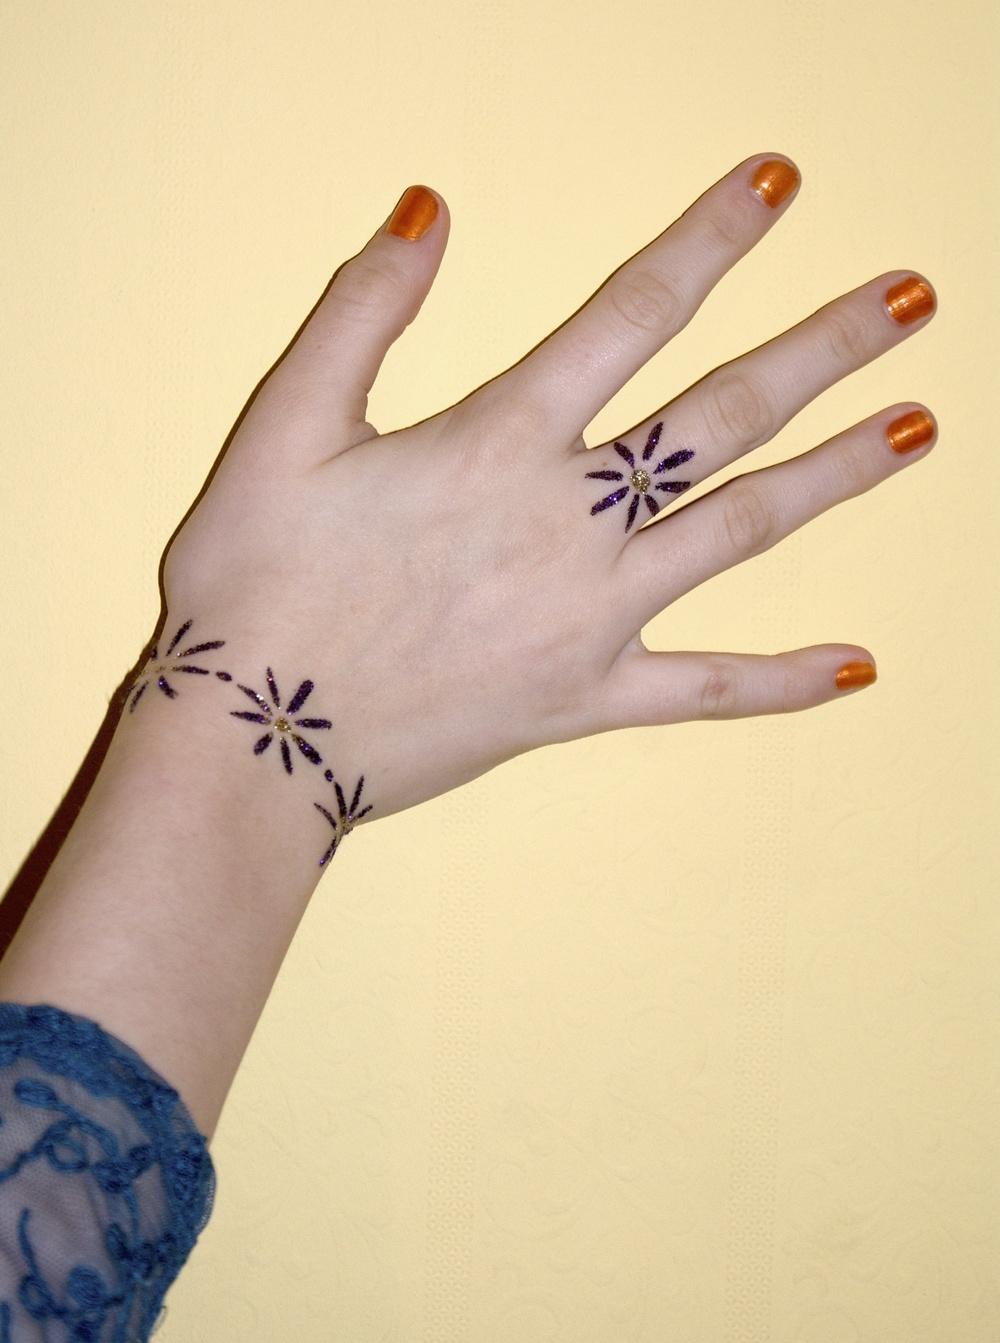 Значение тату браслет: смысл, история, варианты рисунков, фото